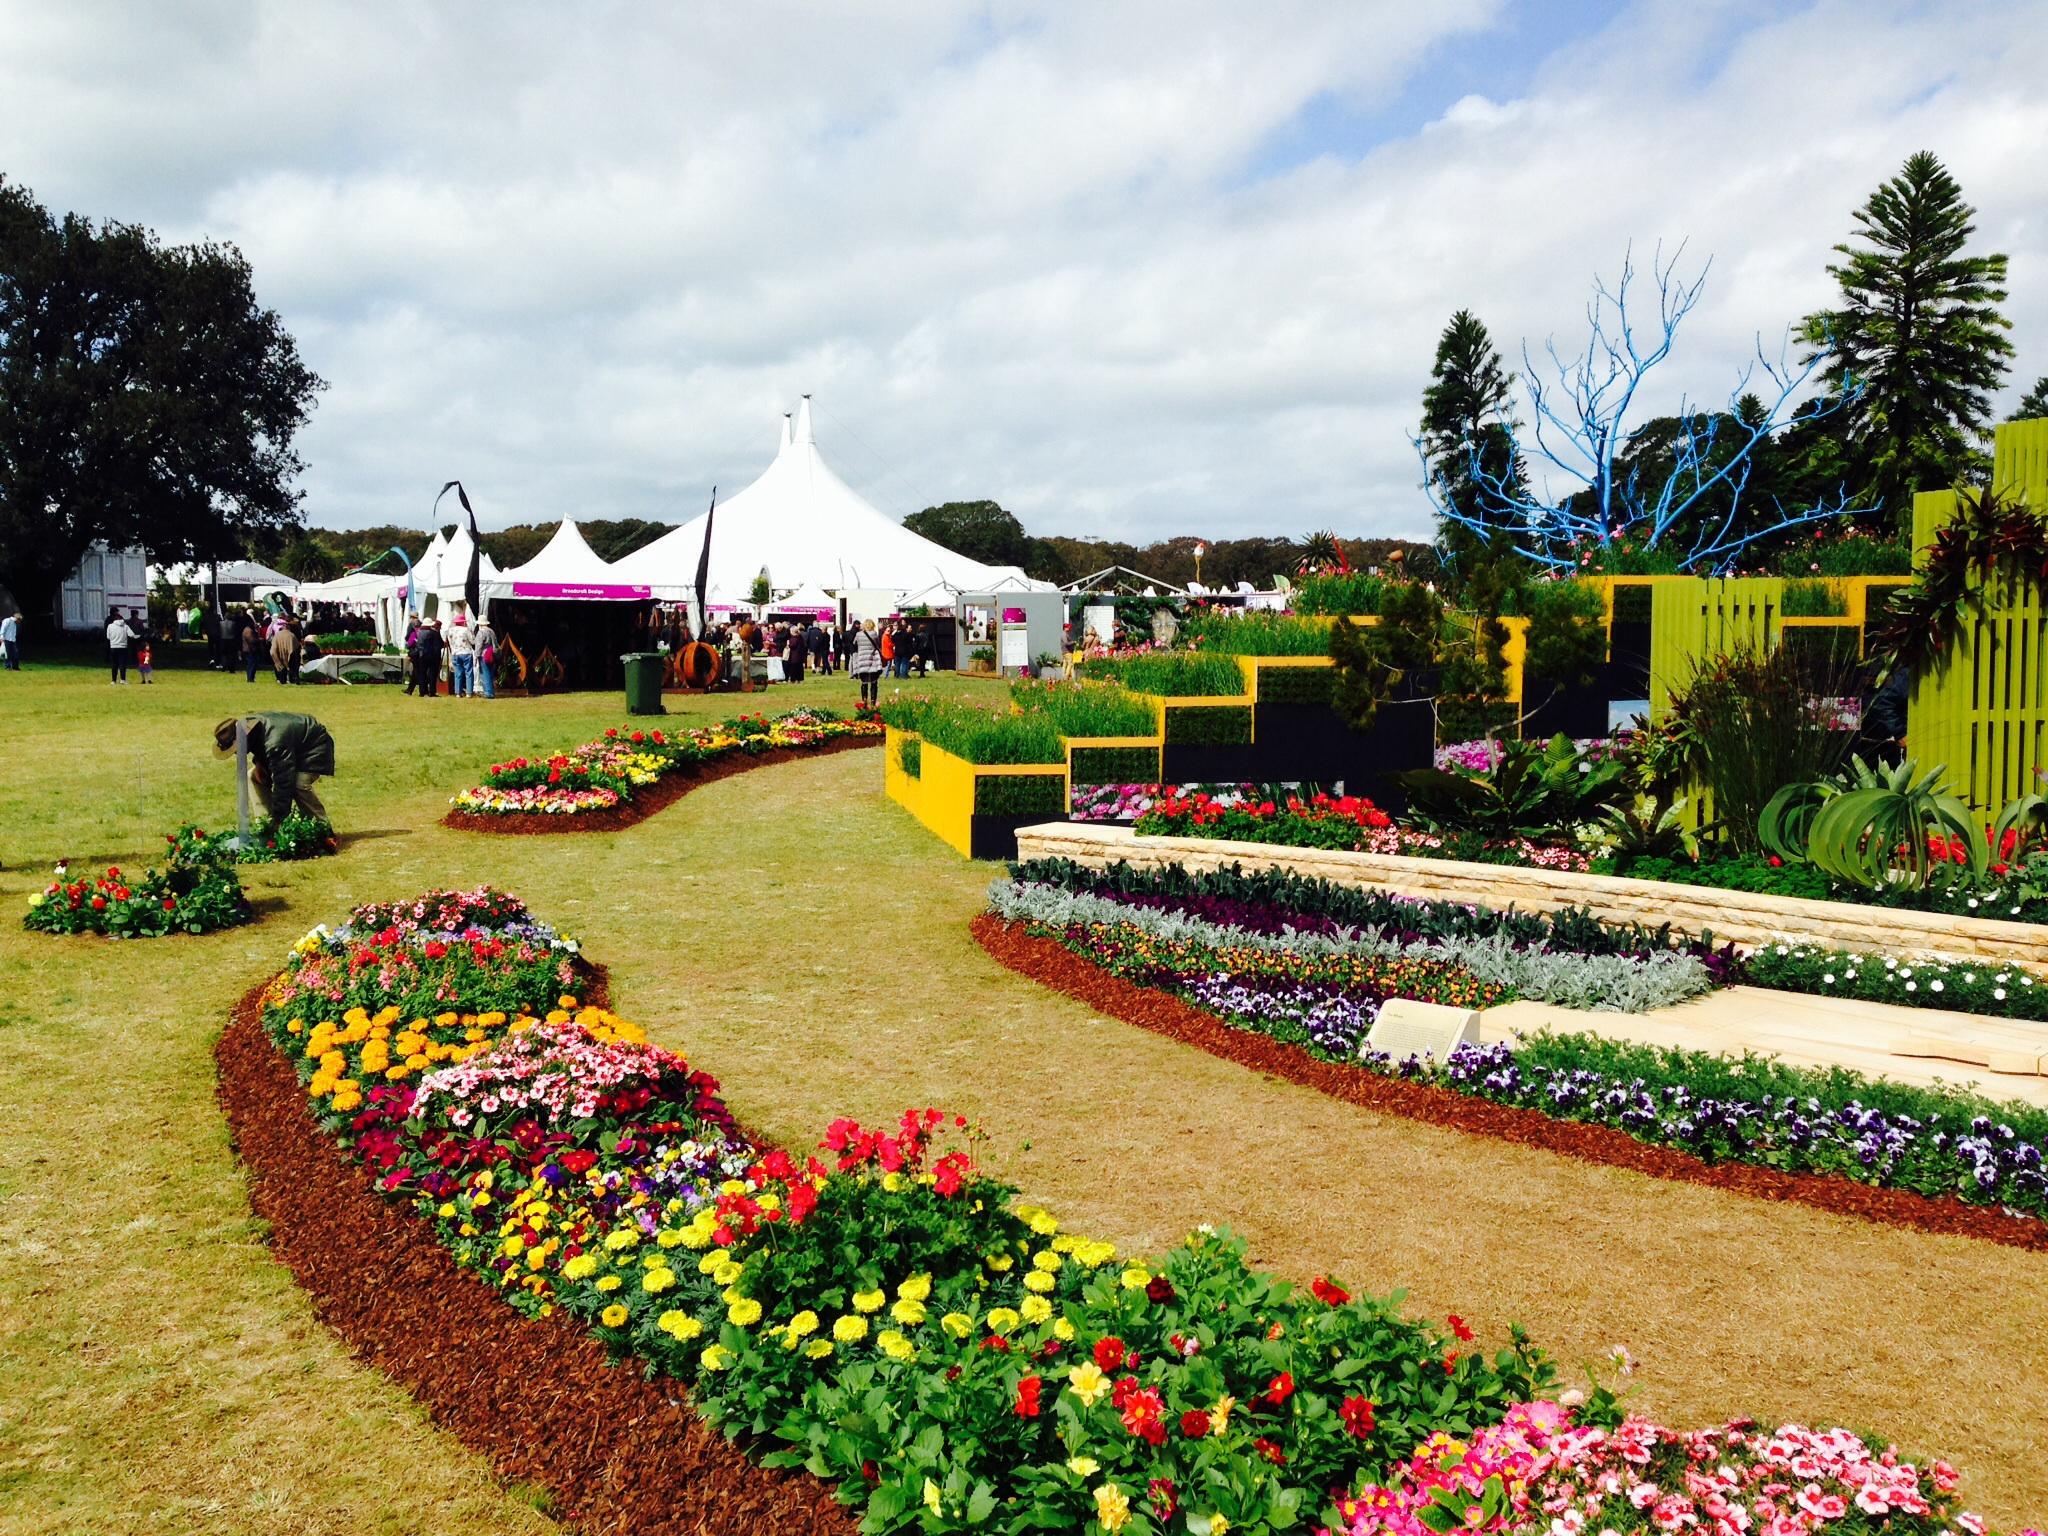 australian garden show sydney 2014 – janna schreier garden design